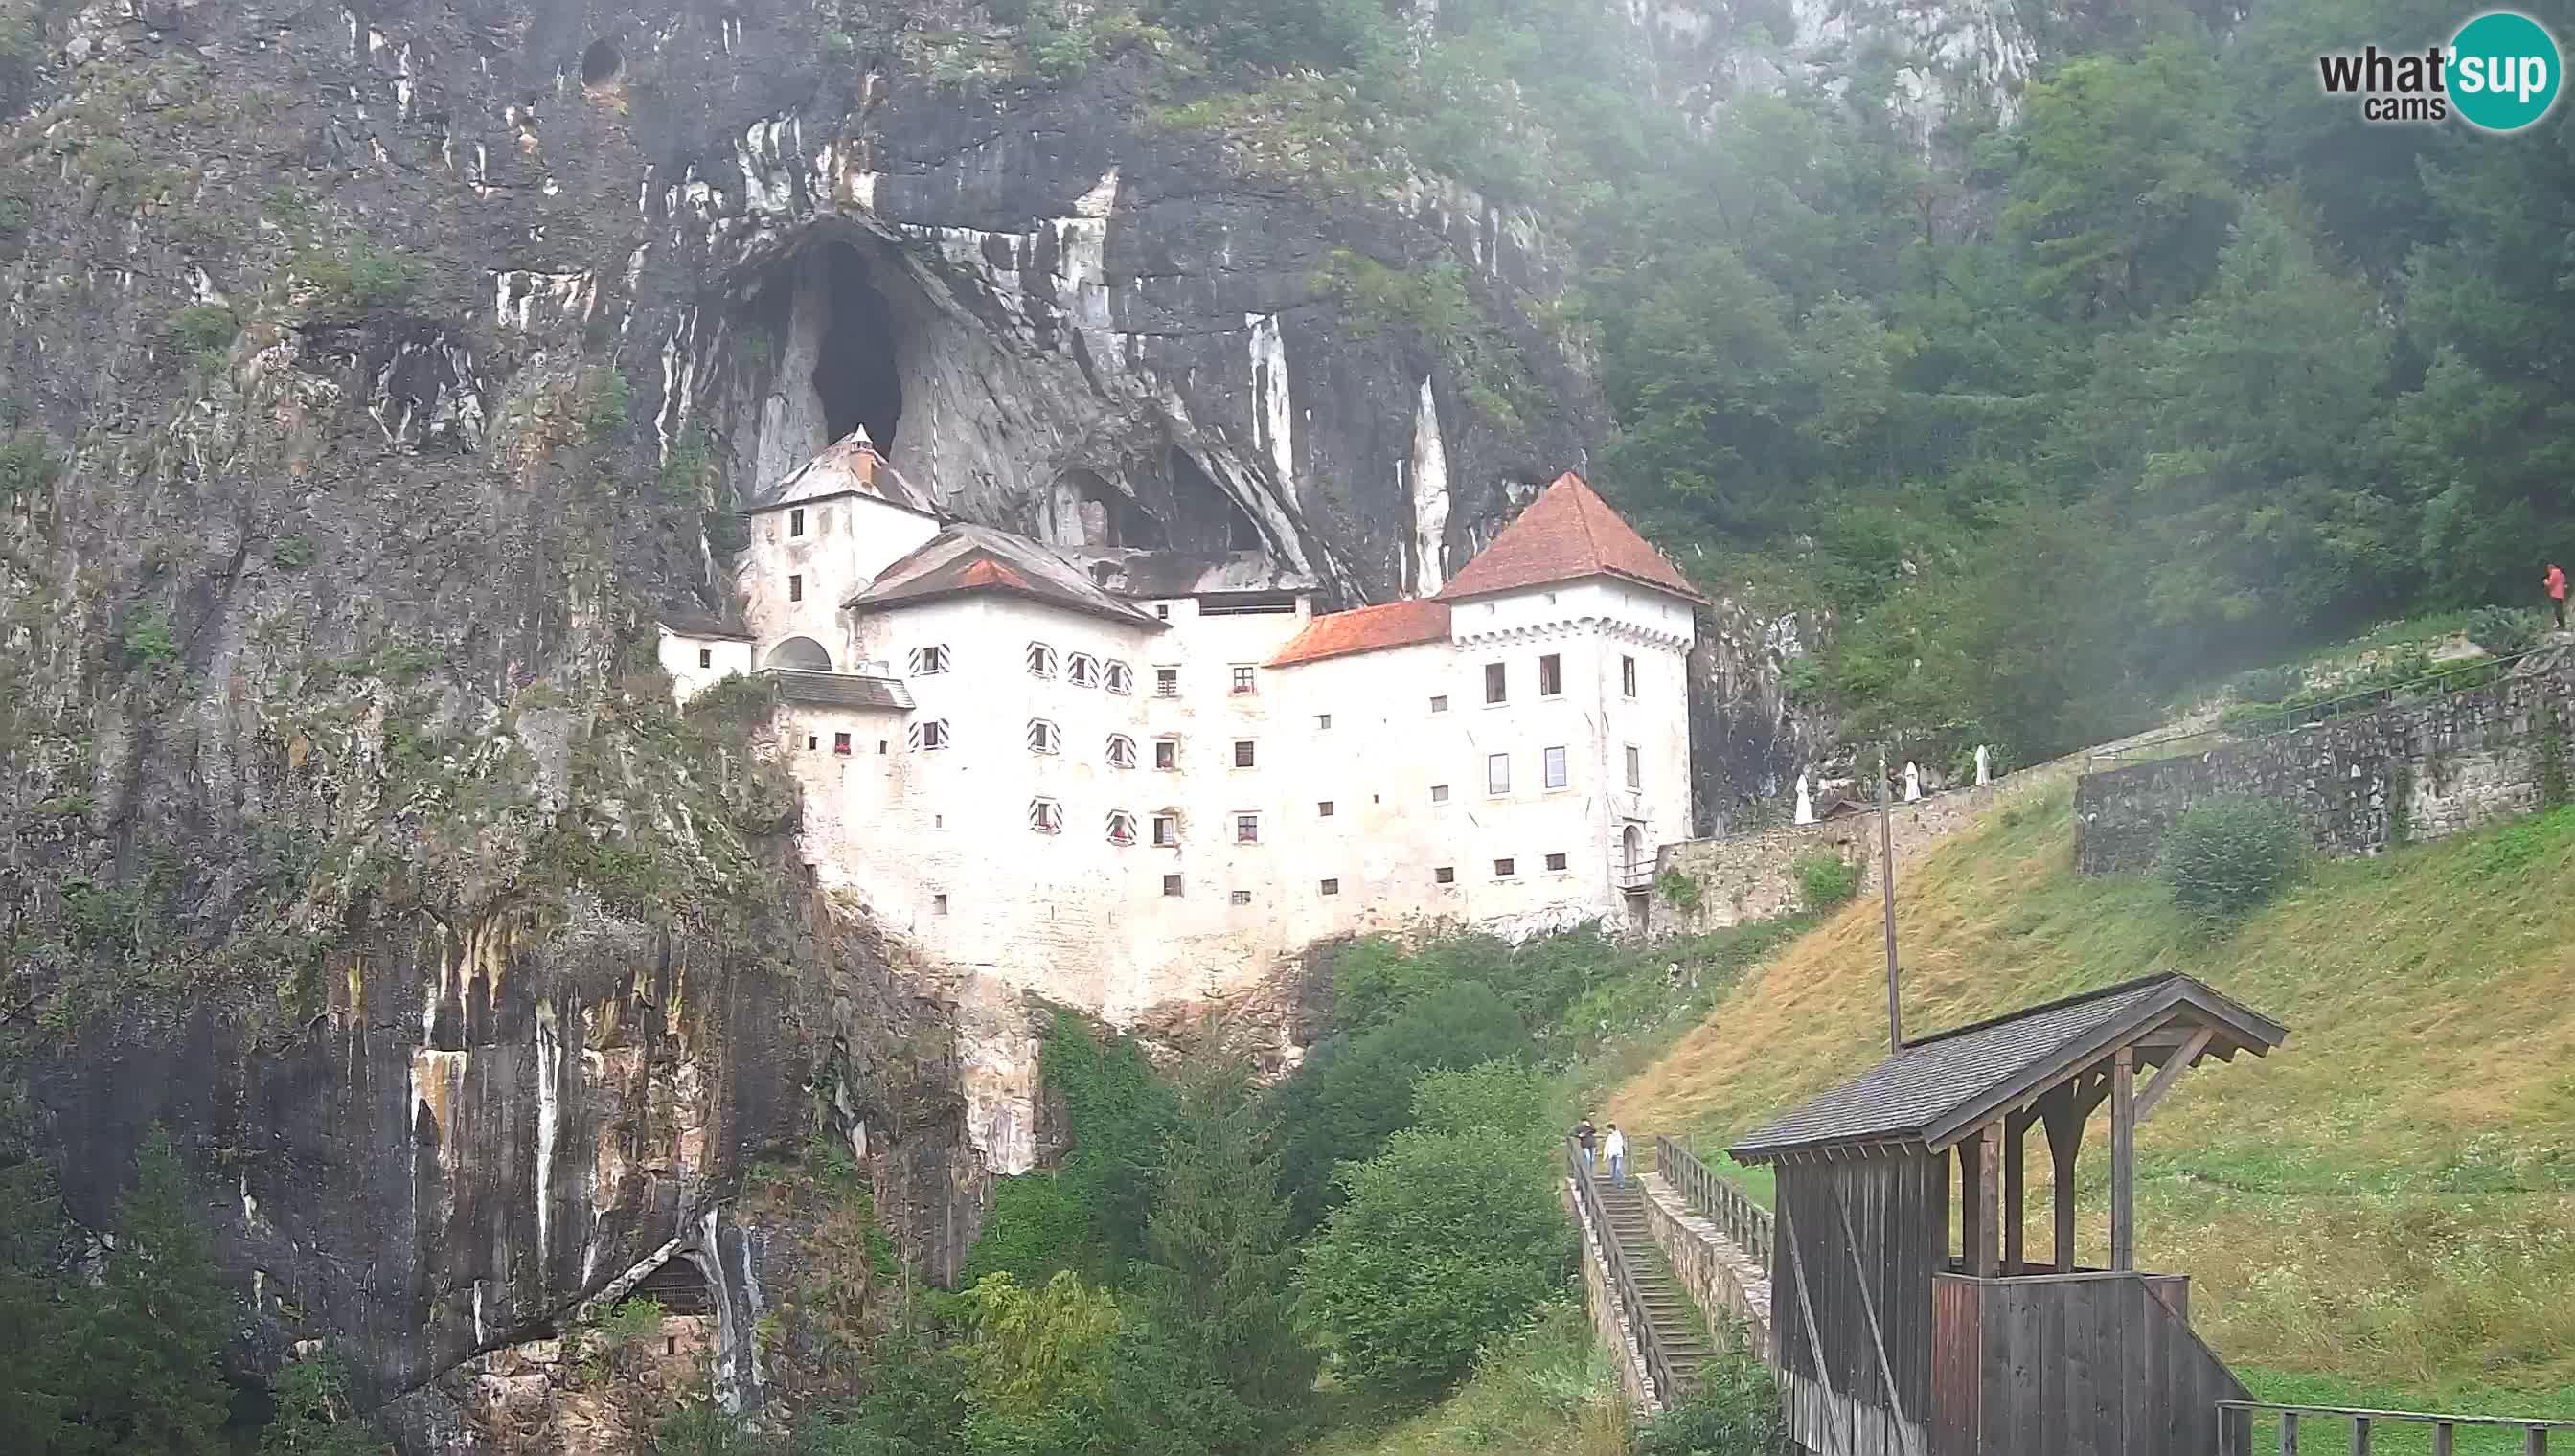 Camera en vivo Castillo de Predjama – Postojna – Eslovenia